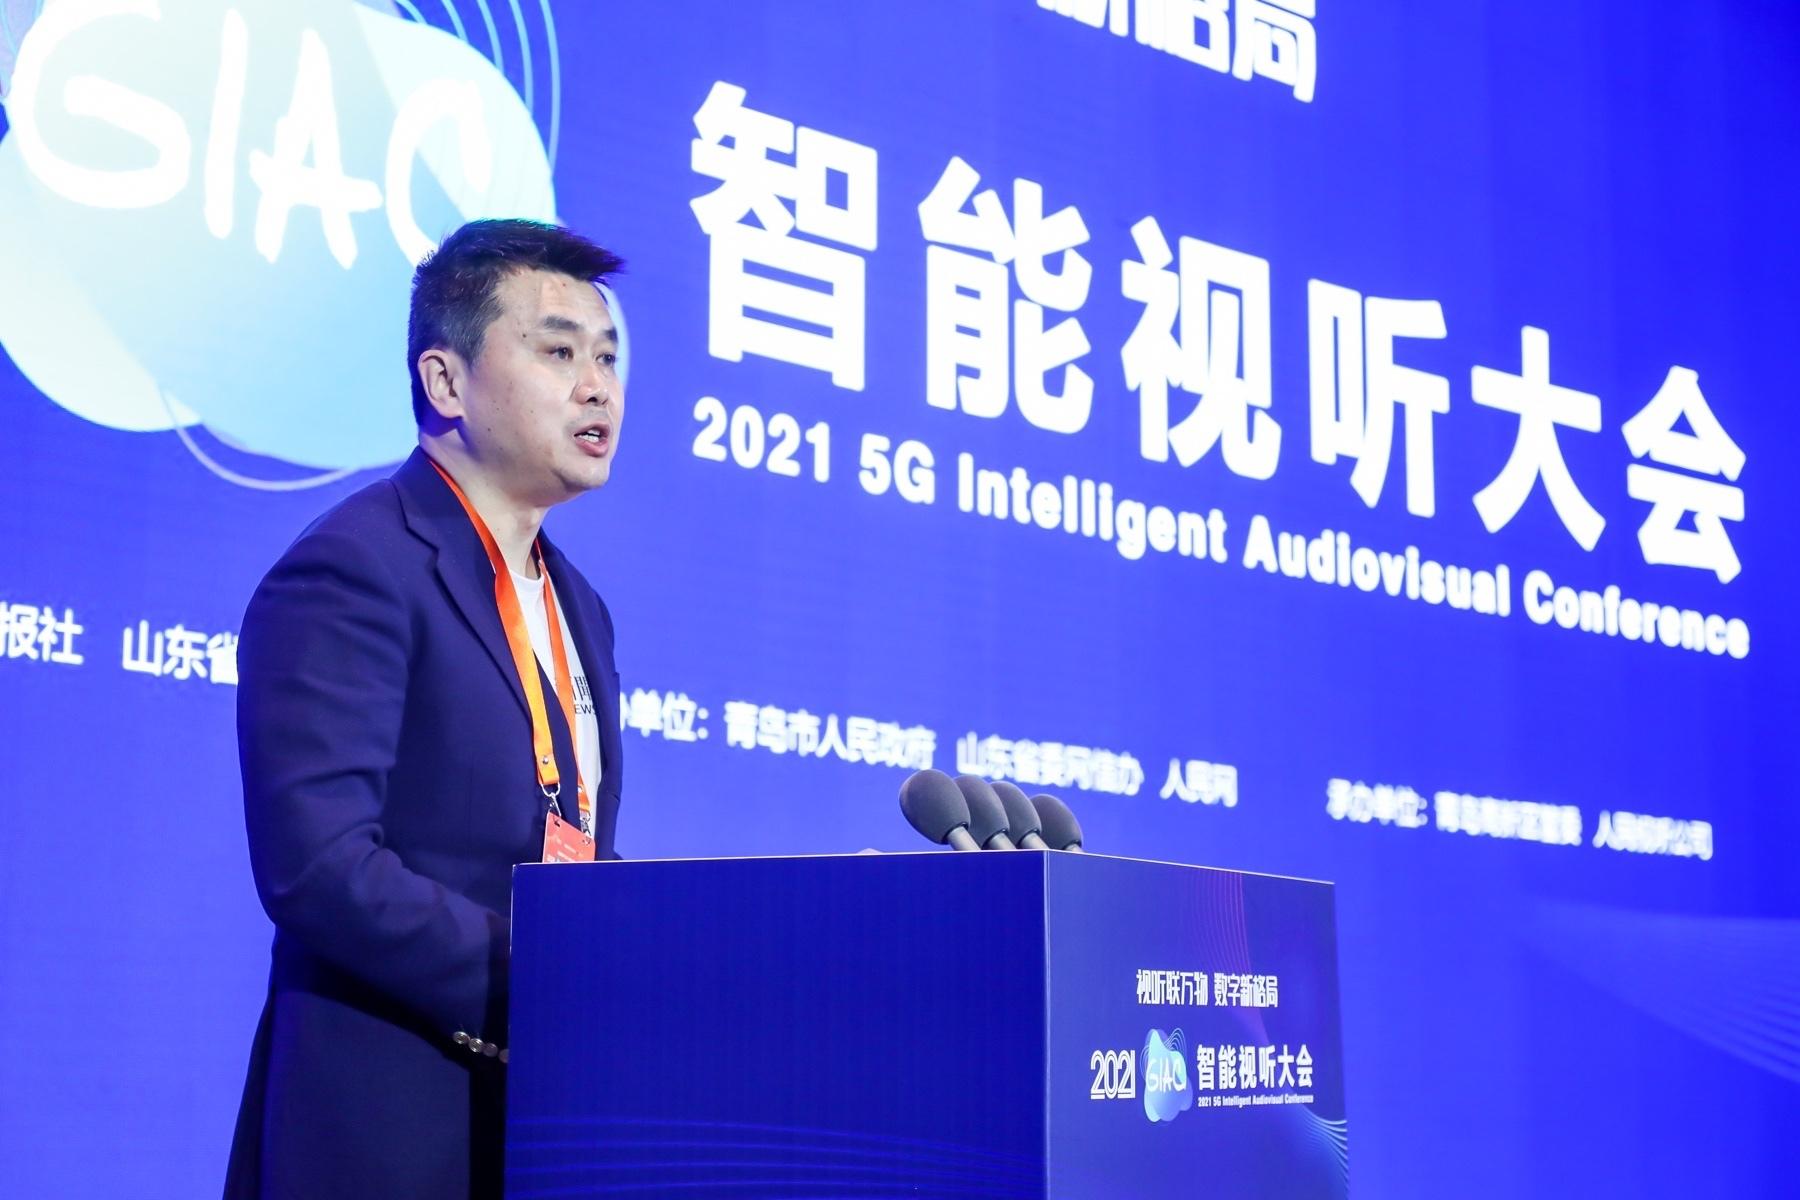 刘爽:坚守使命与初心 凤凰力行融媒体发展之路